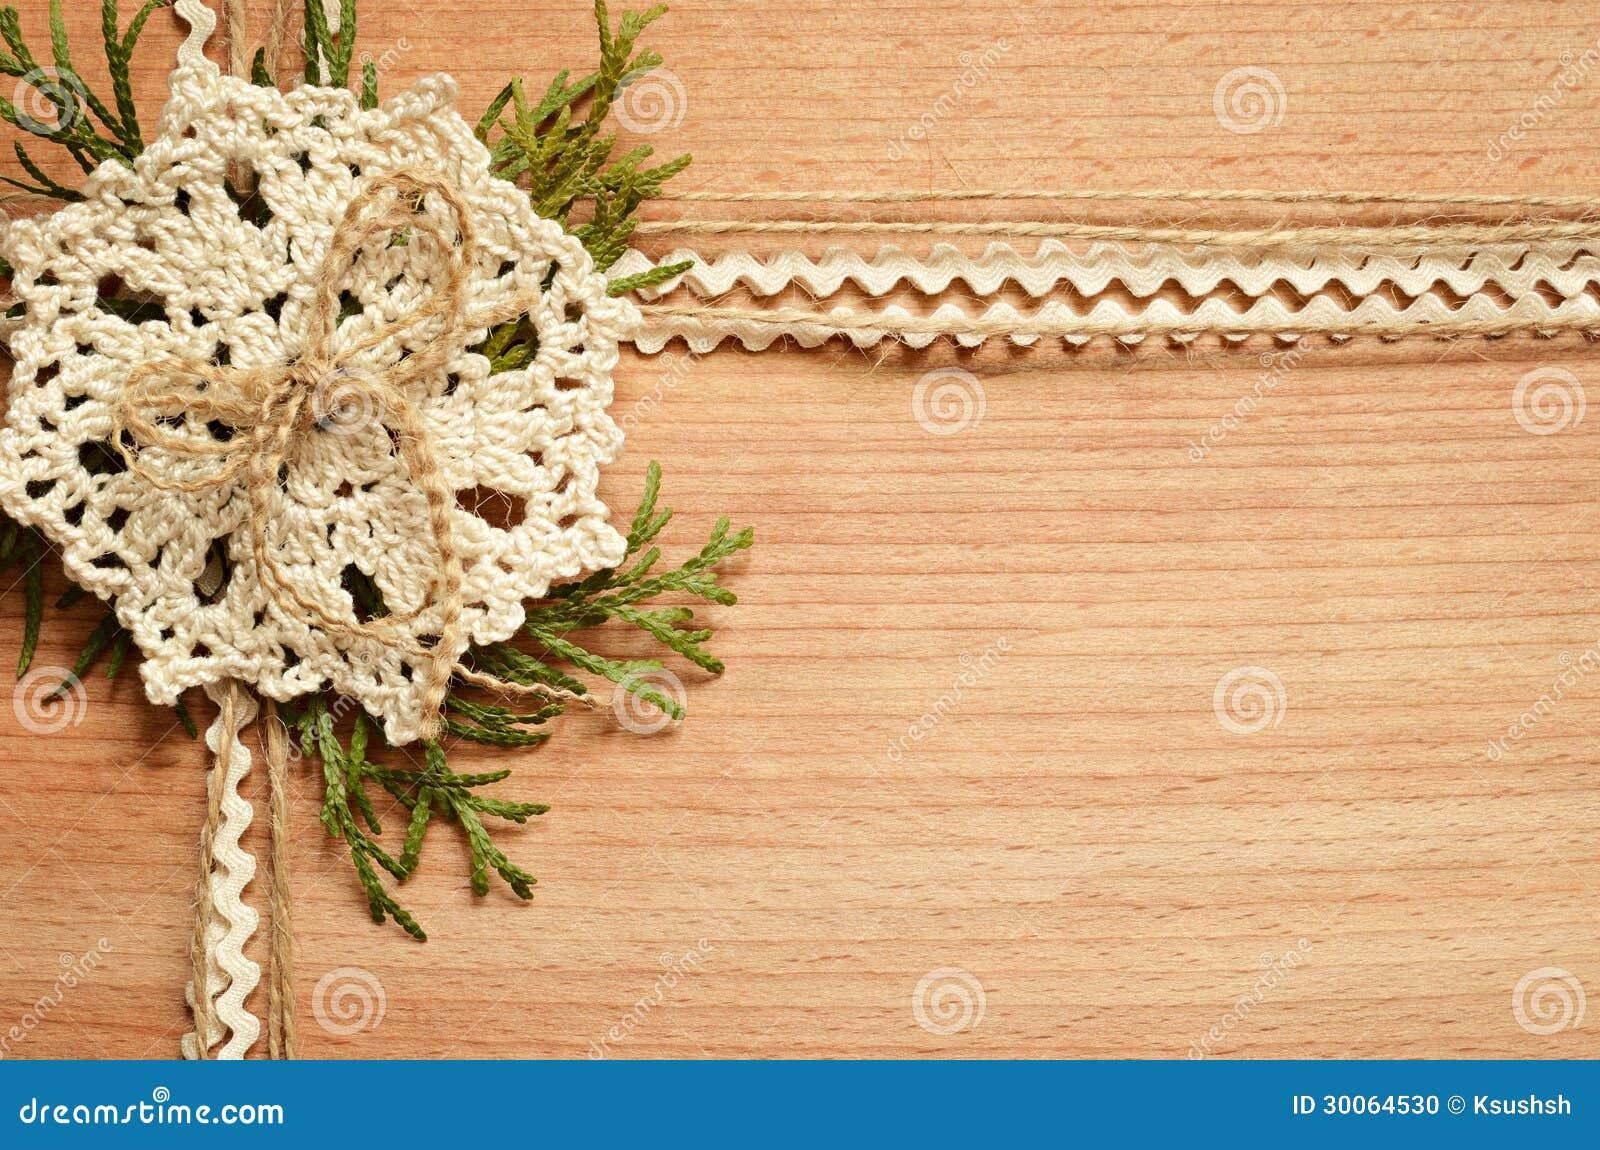 背景和钩针编织鞋带和金钟柏分支